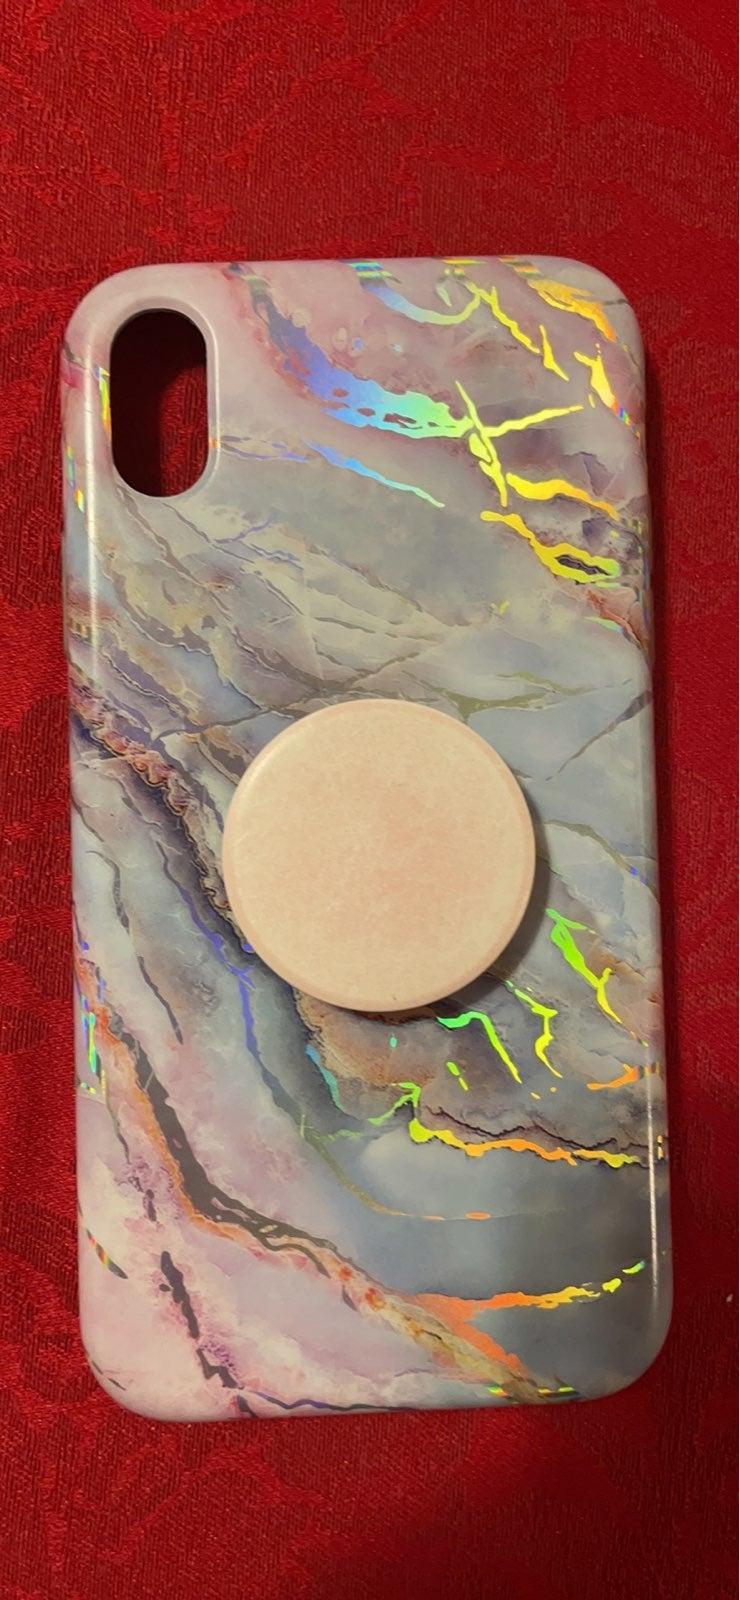 Velvet Cavier marble case with PopSocket